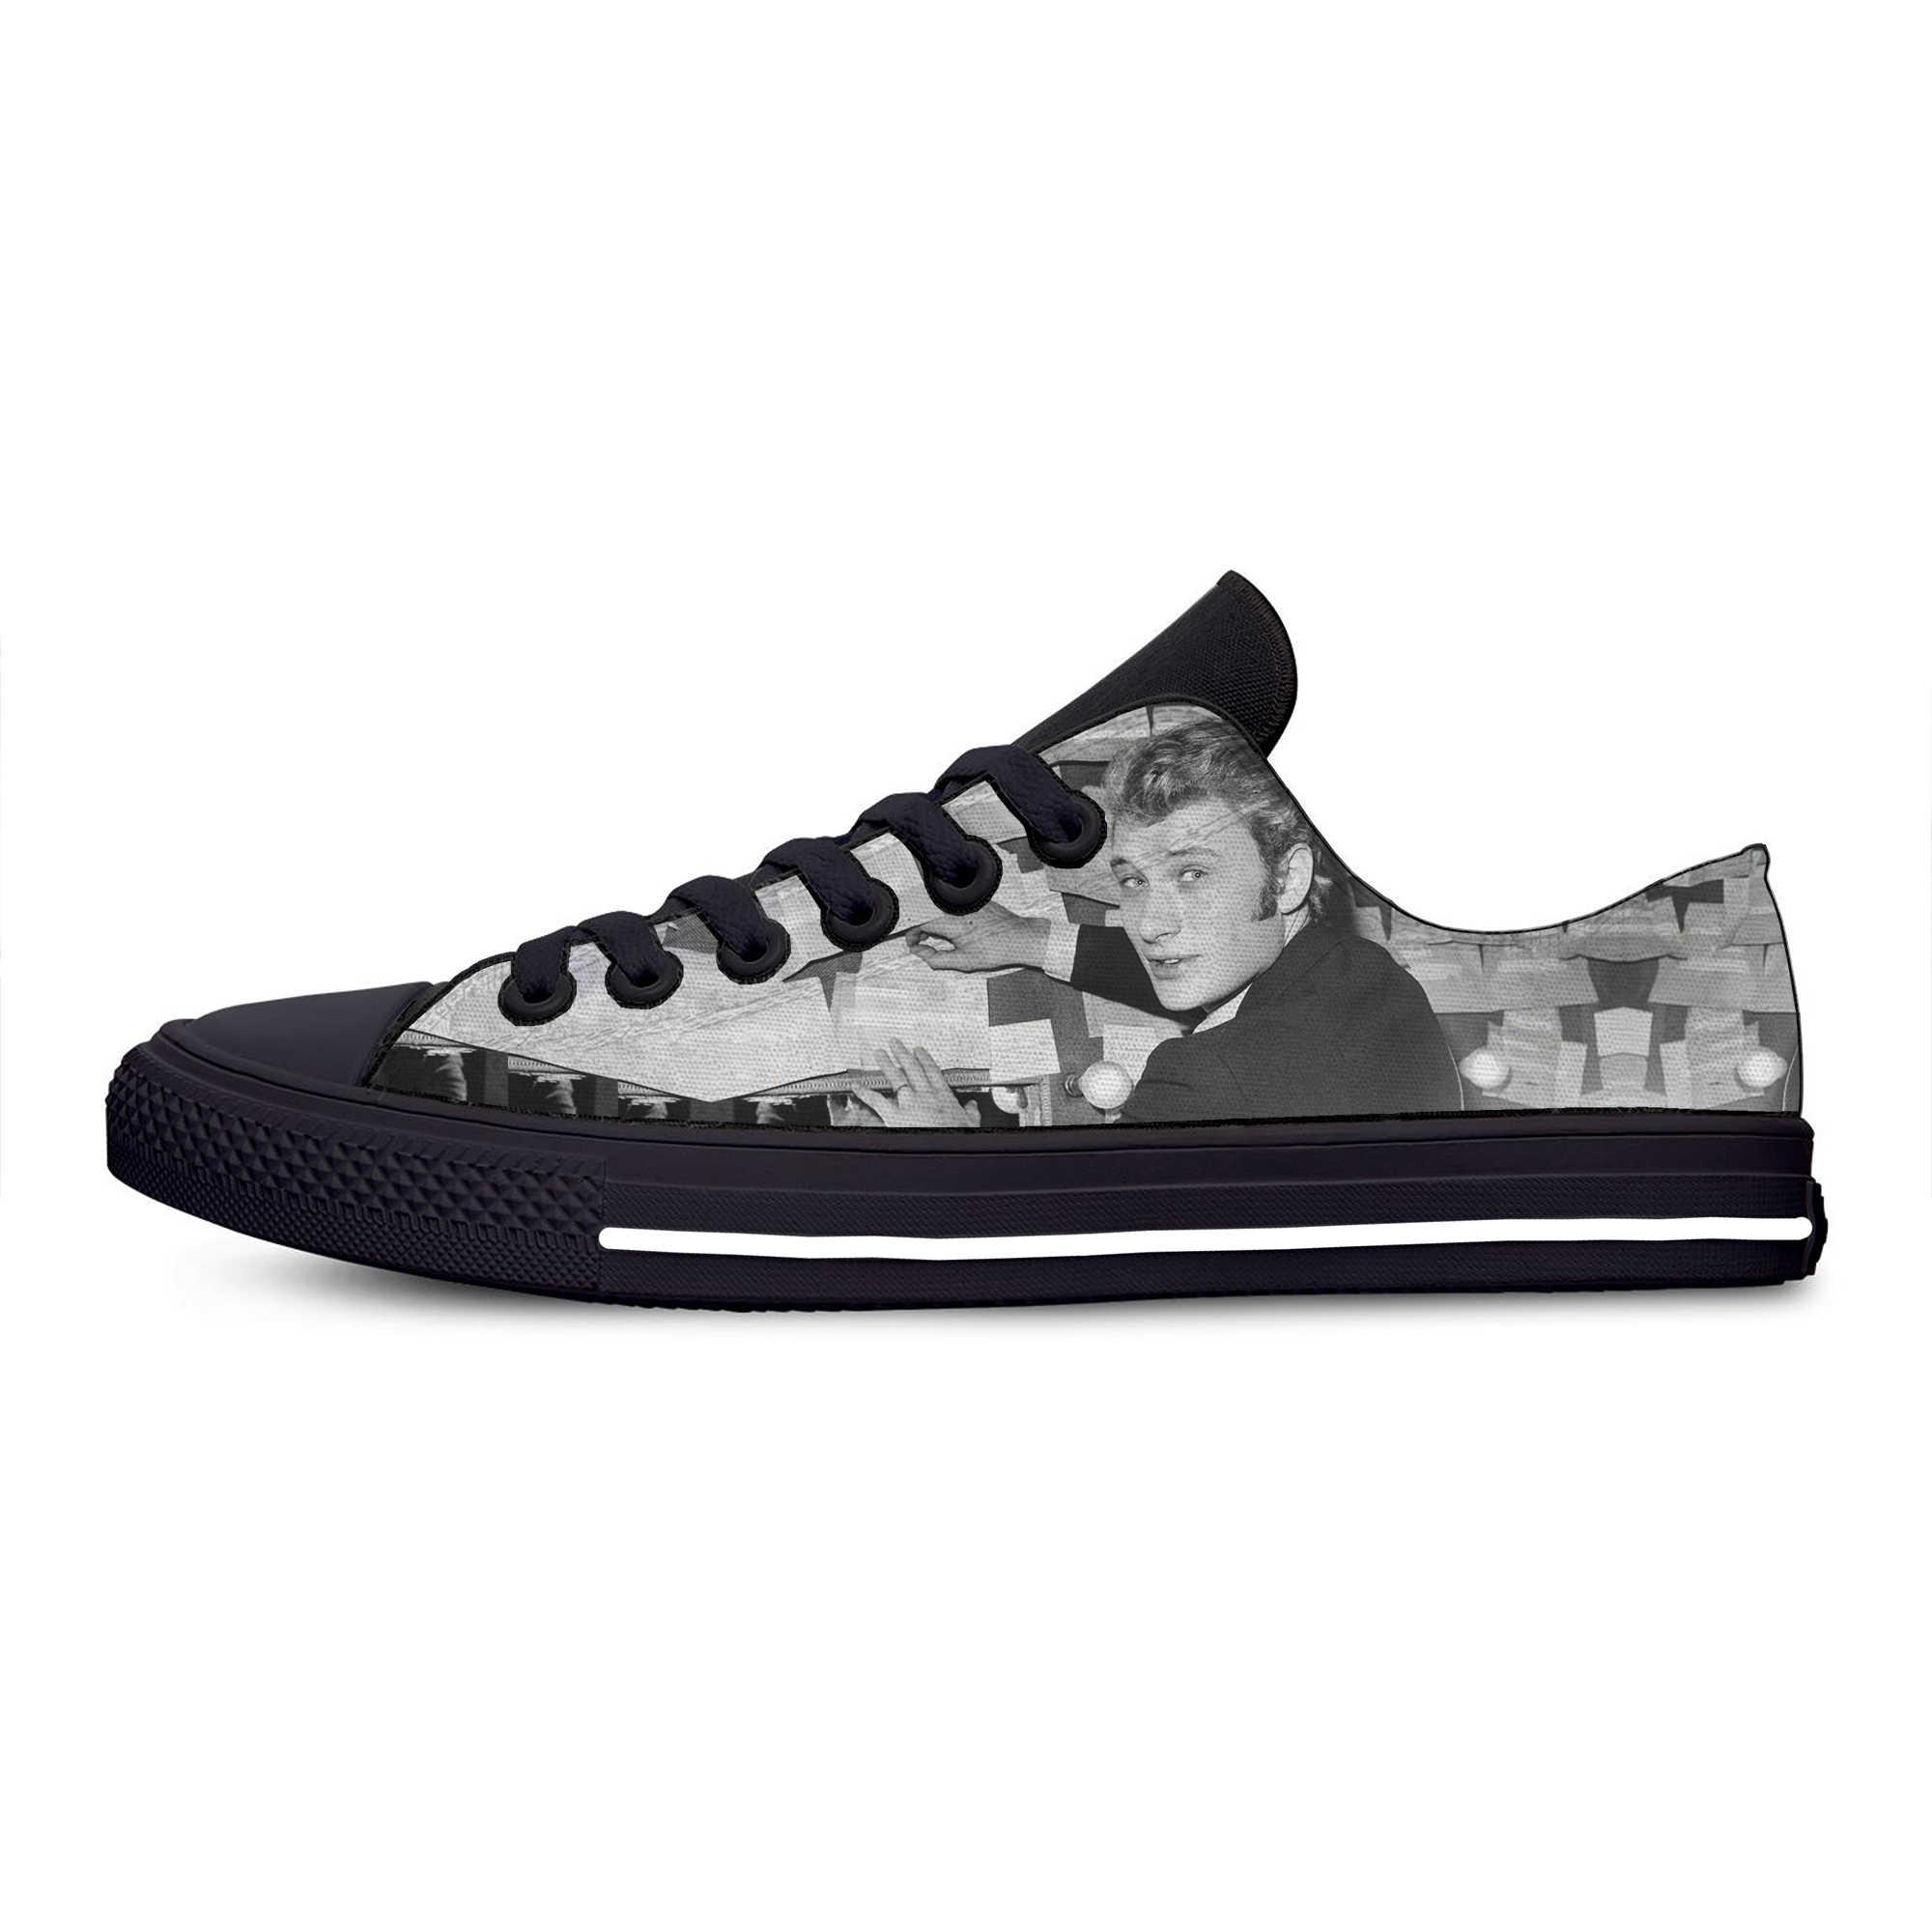 רוק כוכב ג 'וני Hallyday חמה מגניב אופנה באיכות גבוהה מקרית נעלי בד נמוך למעלה לנשימה סניקרס 3D הדפסת עבור גברים נשים